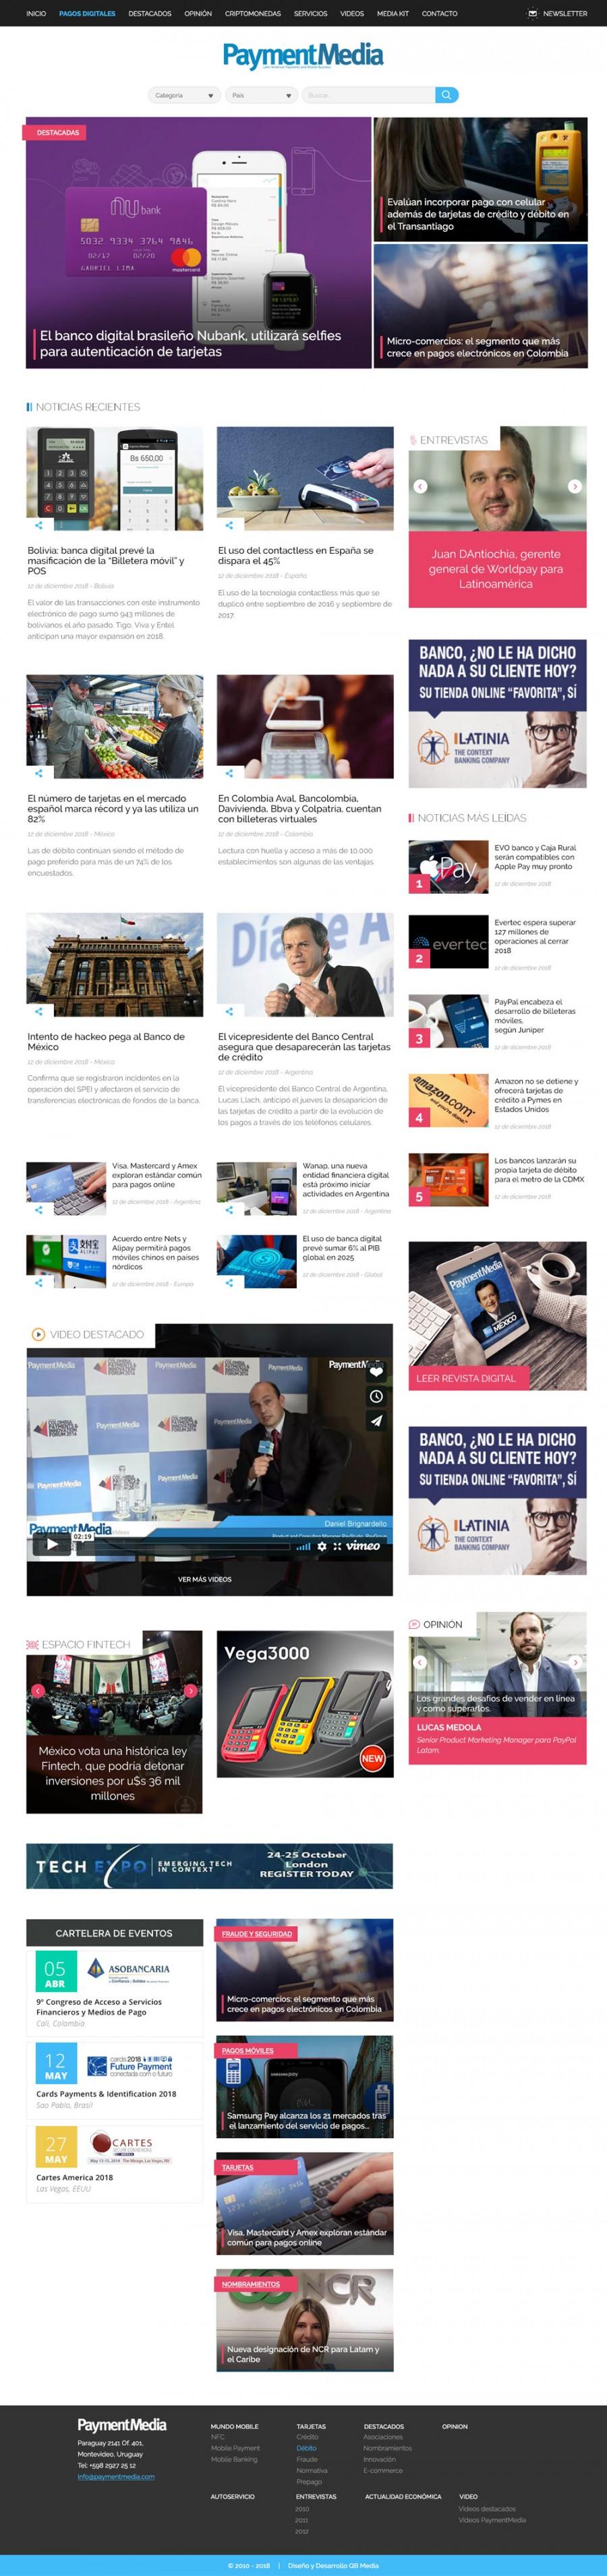 diseño y desarrollo portales uruguay